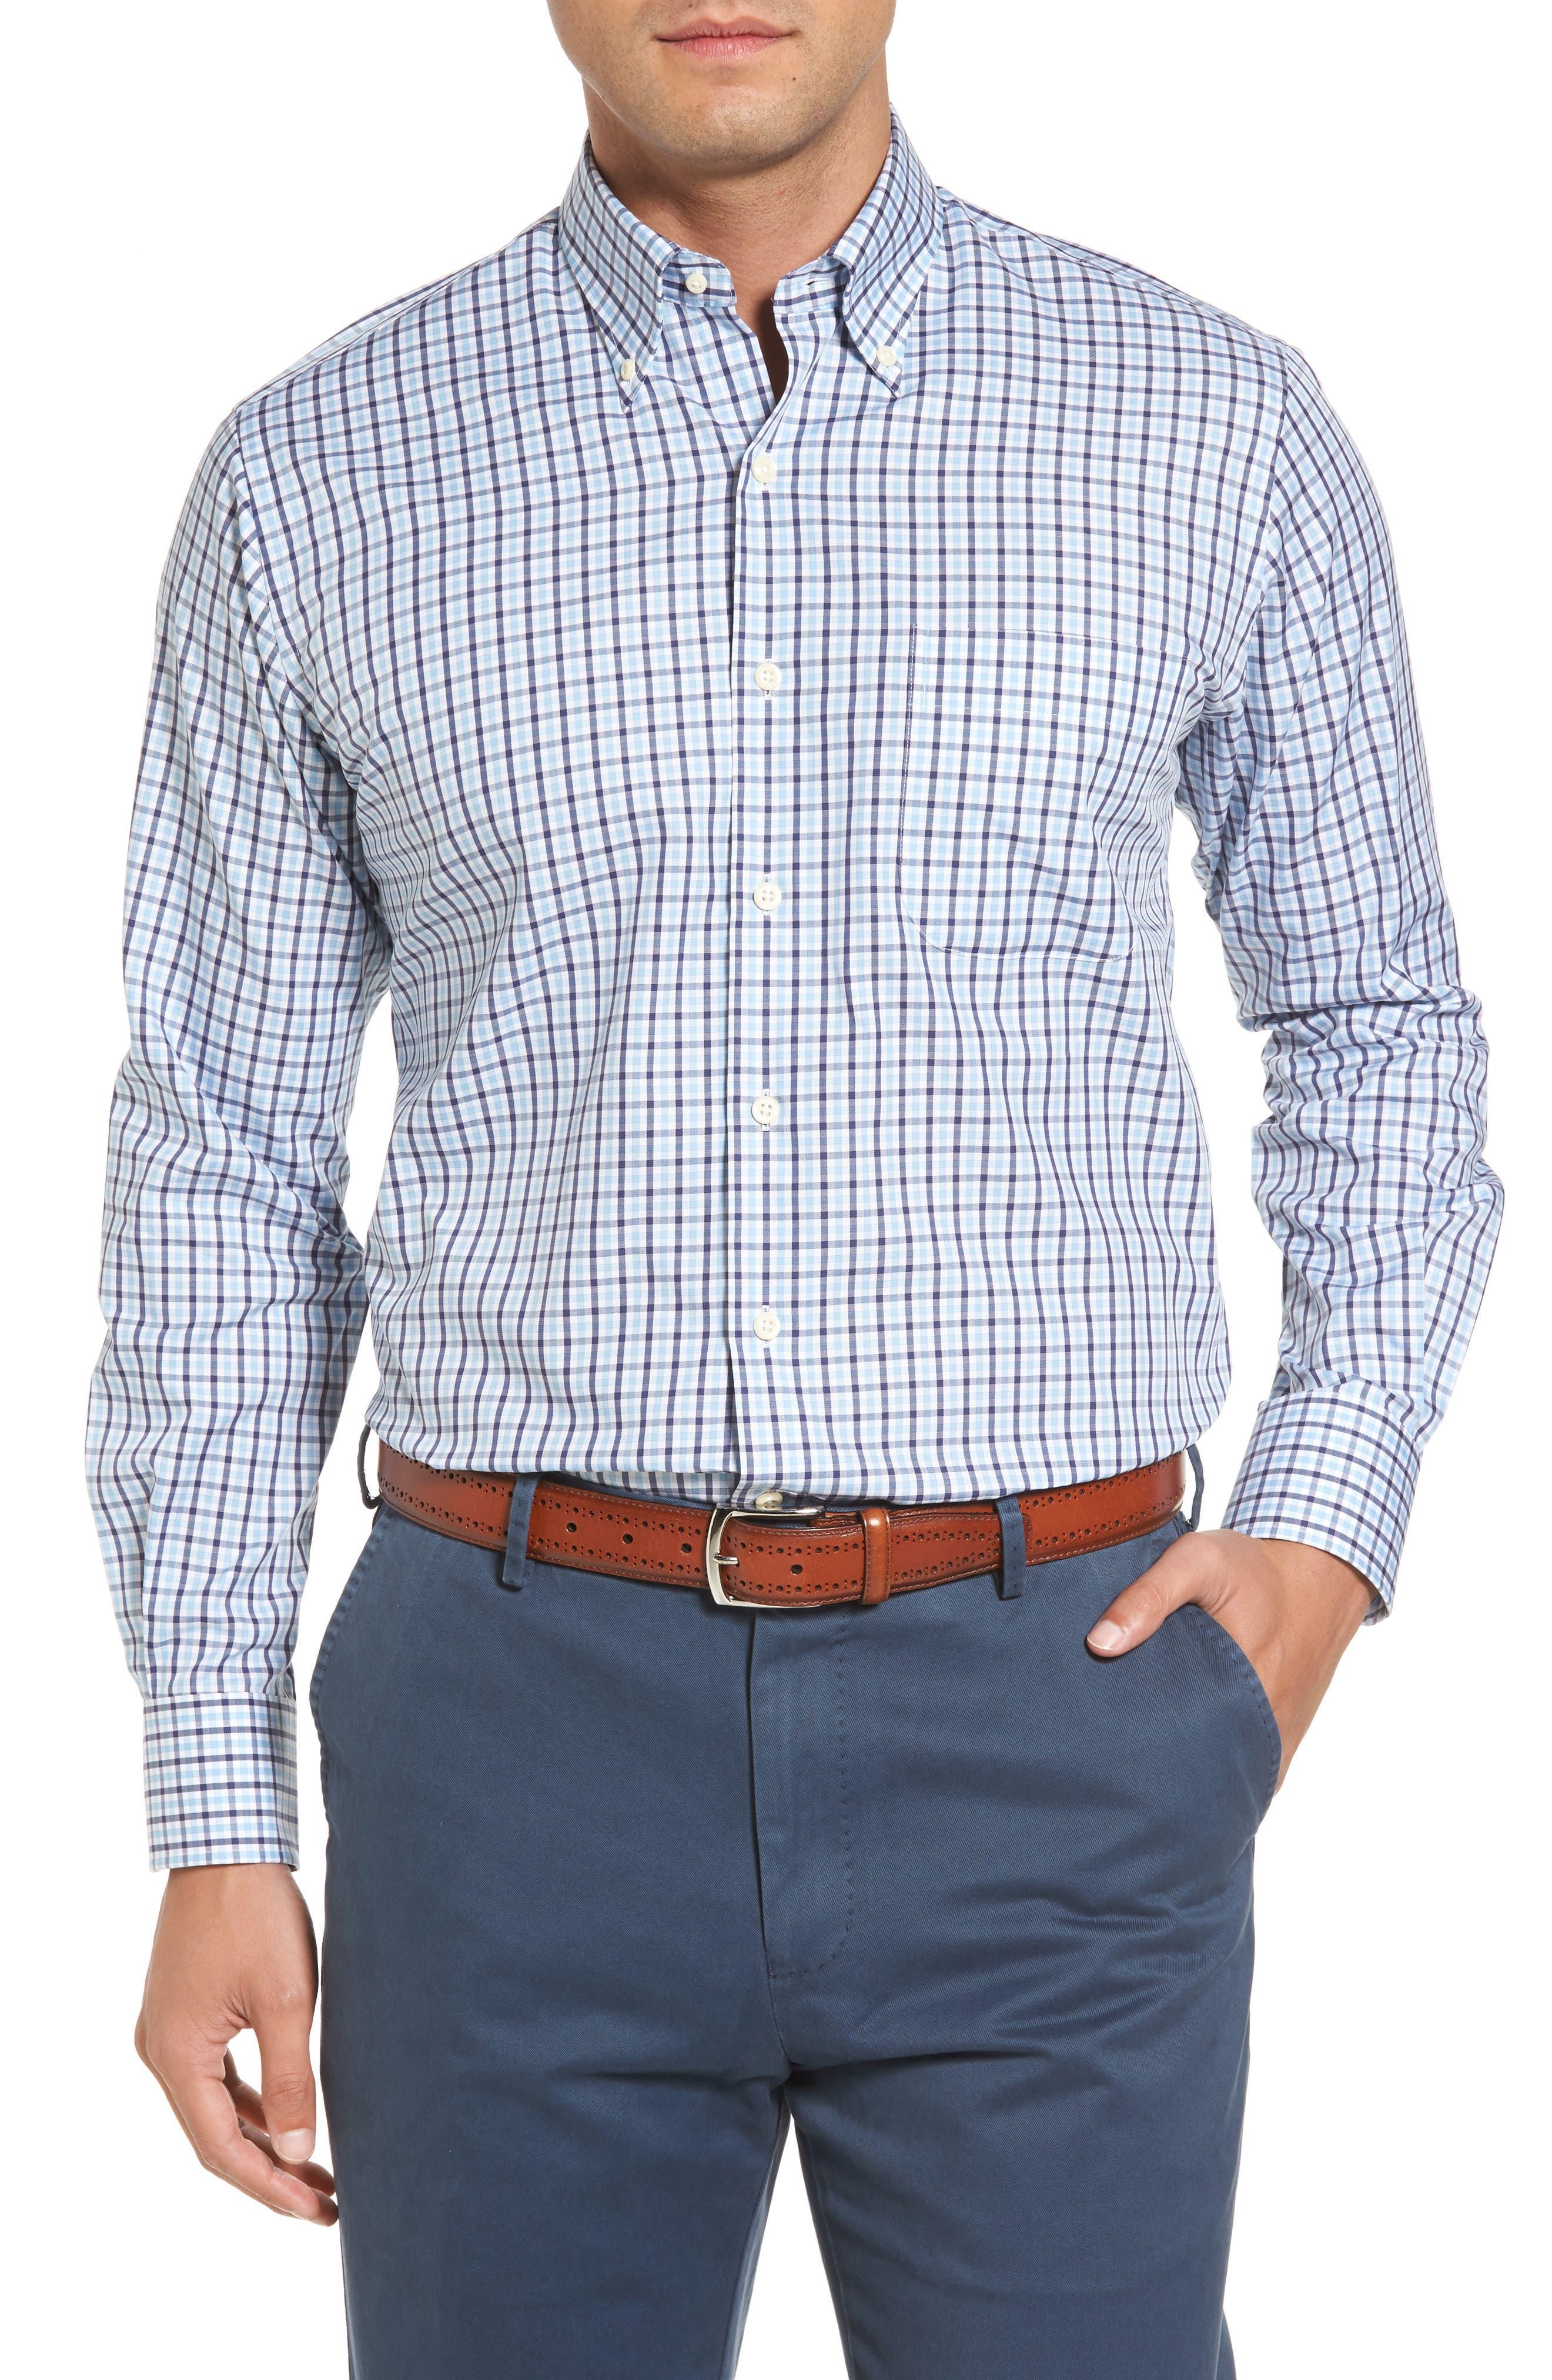 Adams Check Sport Shirt,                             Main thumbnail 1, color,                             Star Fall